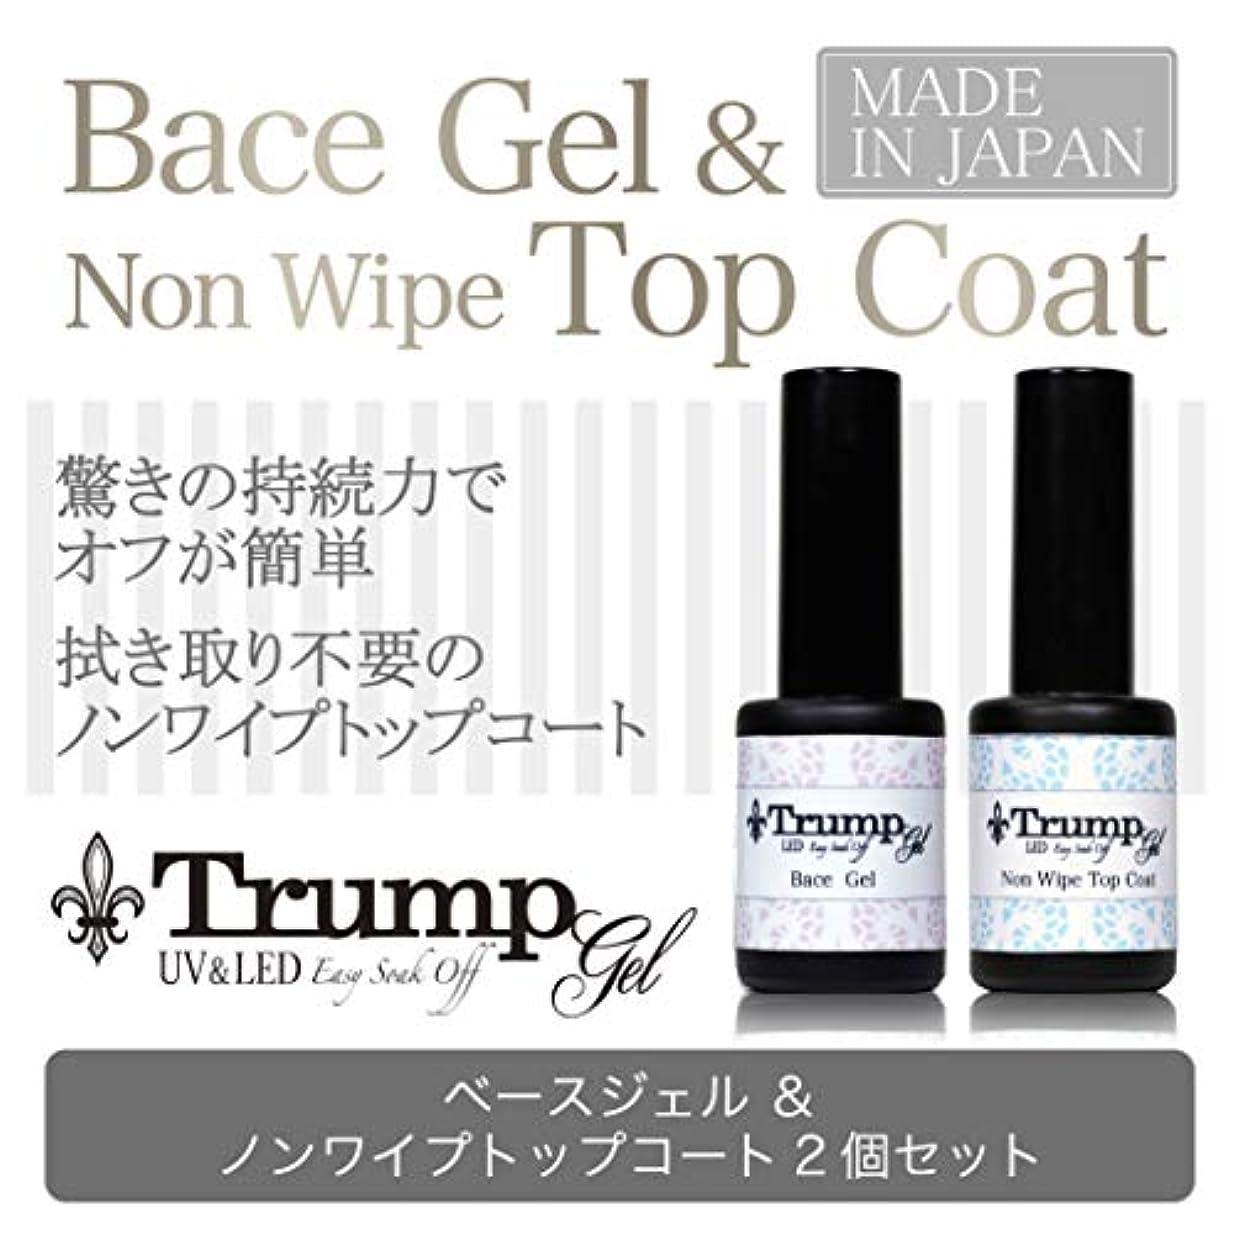 すなわち印をつける素晴らしさ【日本製】Trump Gel ジェルネイルUV LED ベースジェル & ノンワイプトップコート 大容量10g×2本セット